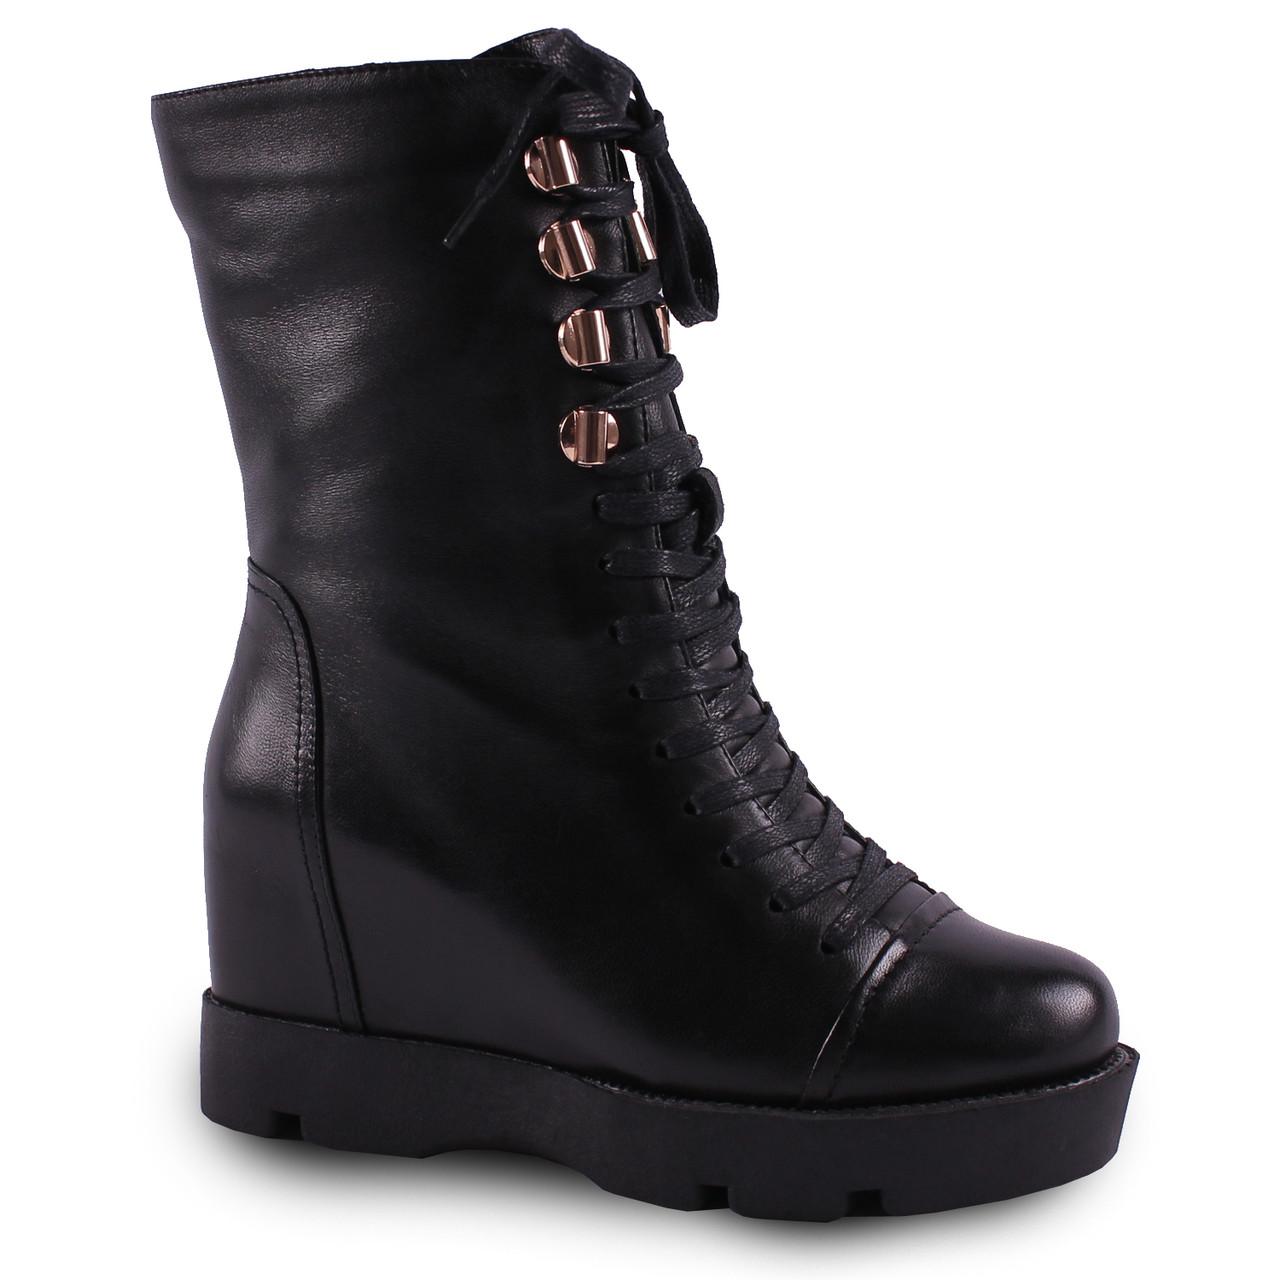 Женские ботинки Brocoly(зимние, кожаные, на шнуровке, на танкетке, удобная подошва, стильные, черные)